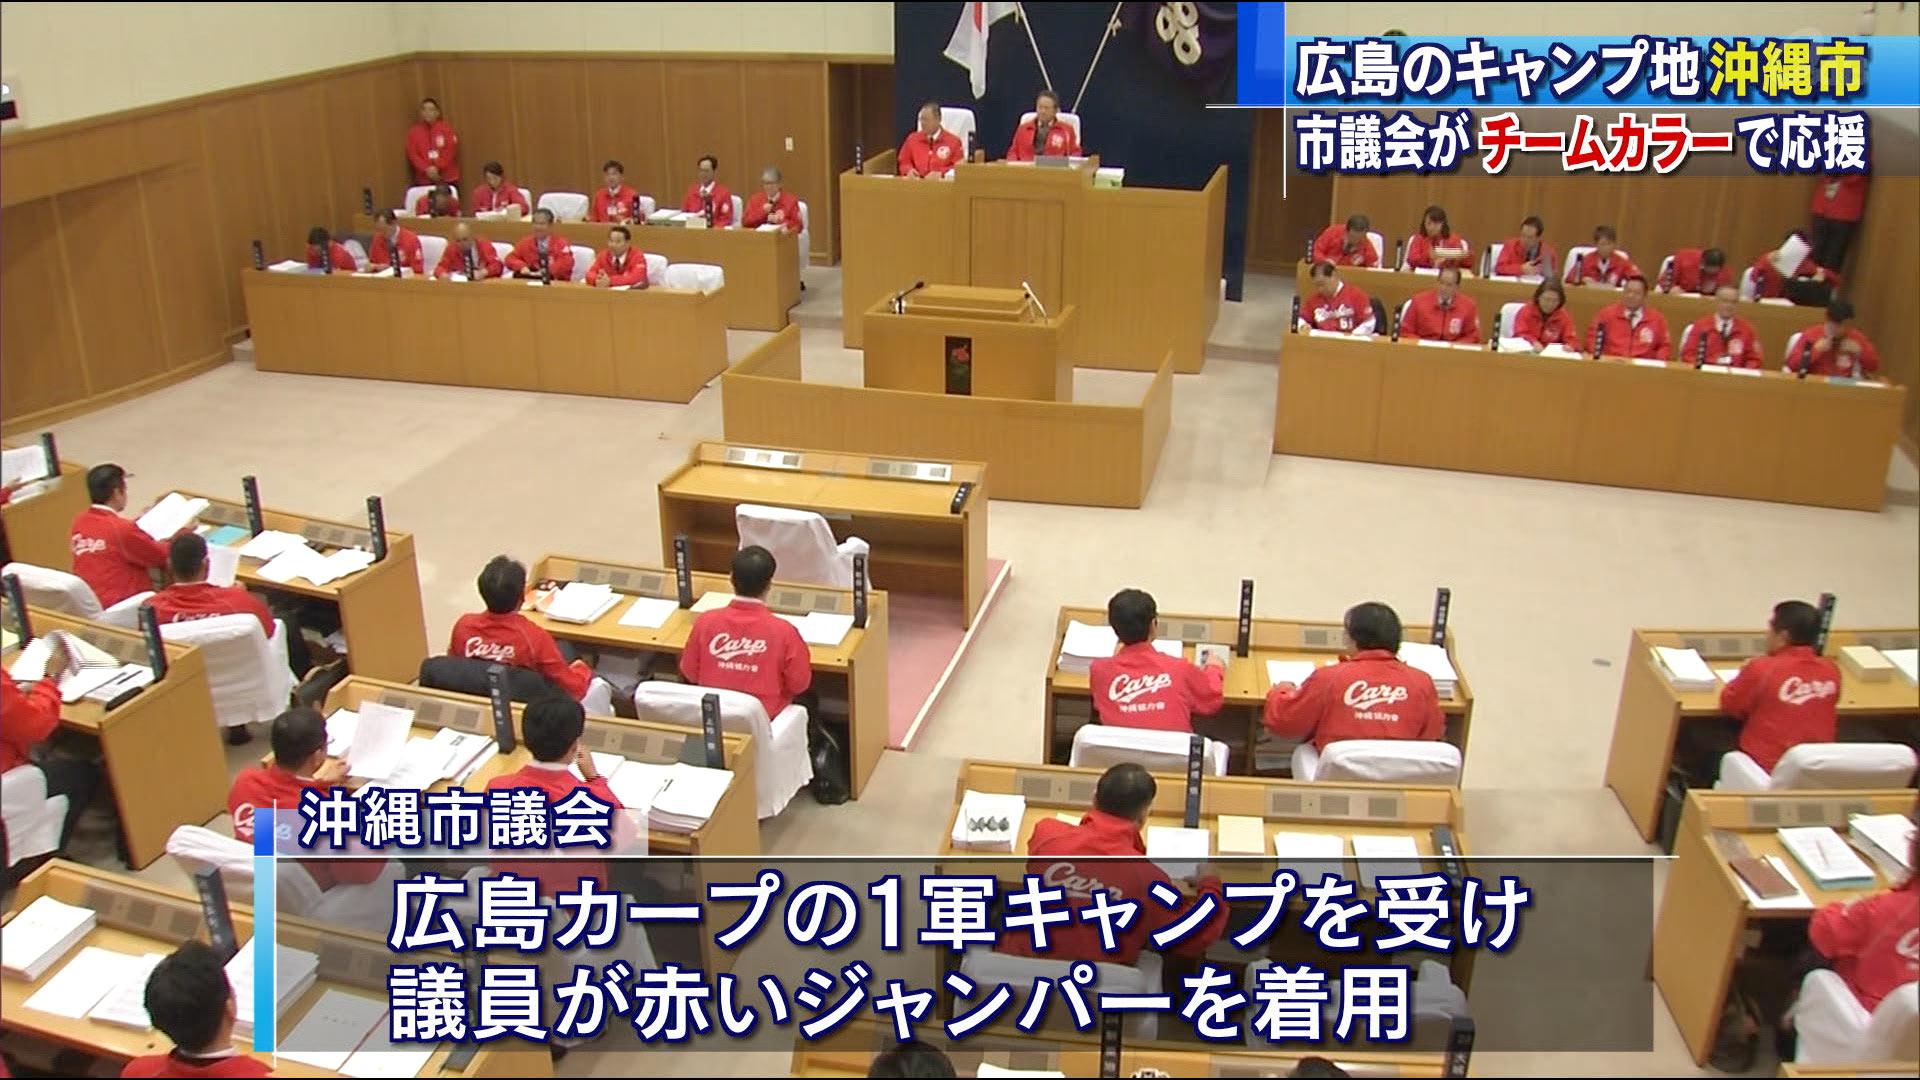 沖縄市議会が「広島カラー」で歓迎